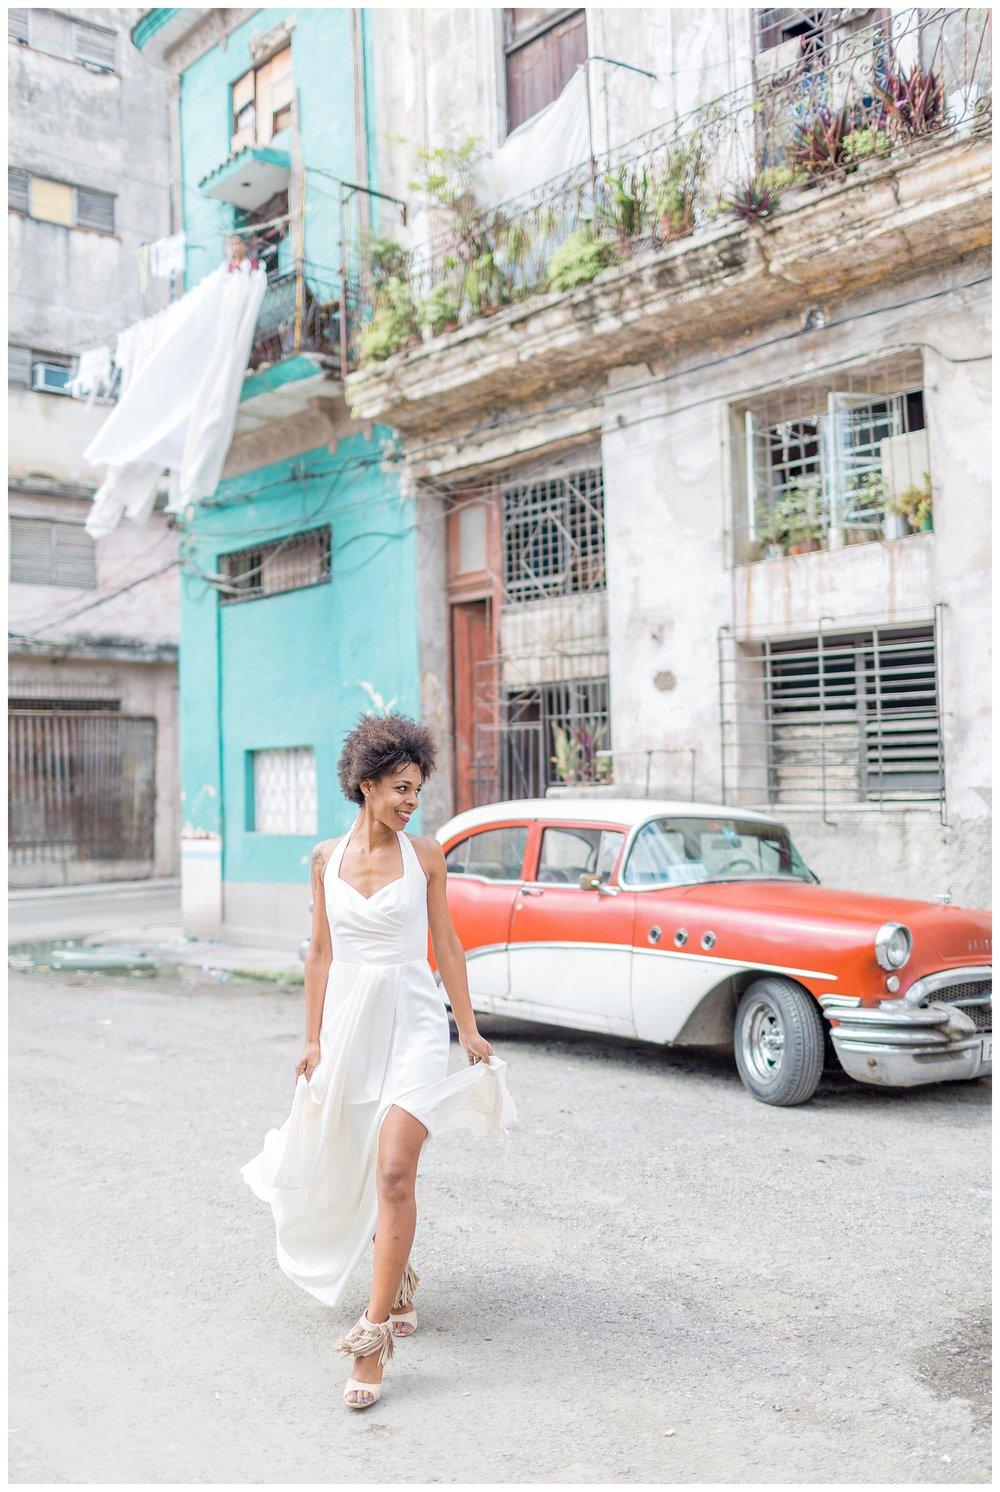 Cuba Editorial Photo Shoot_0025.jpg